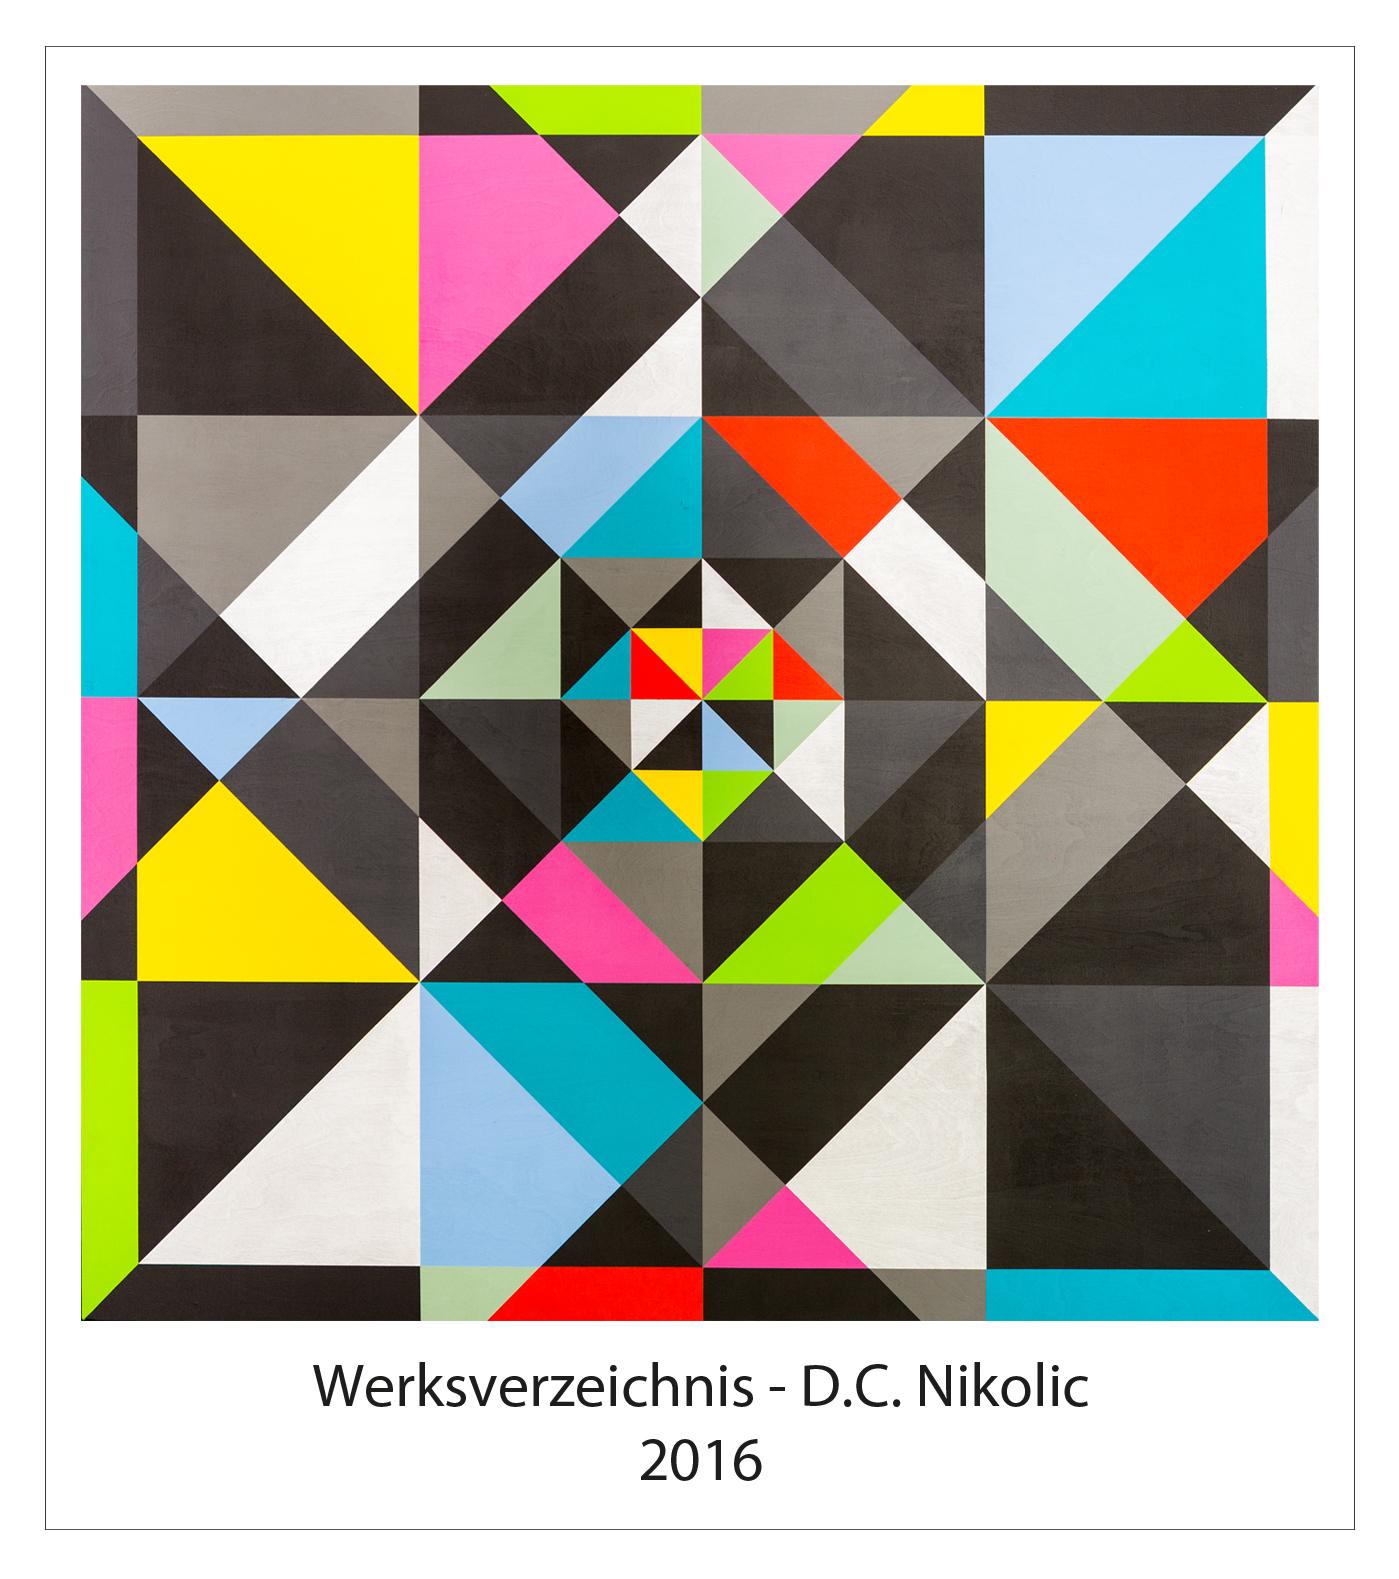 Werksverzeichnis 2016 Darko Caramello Nikolic